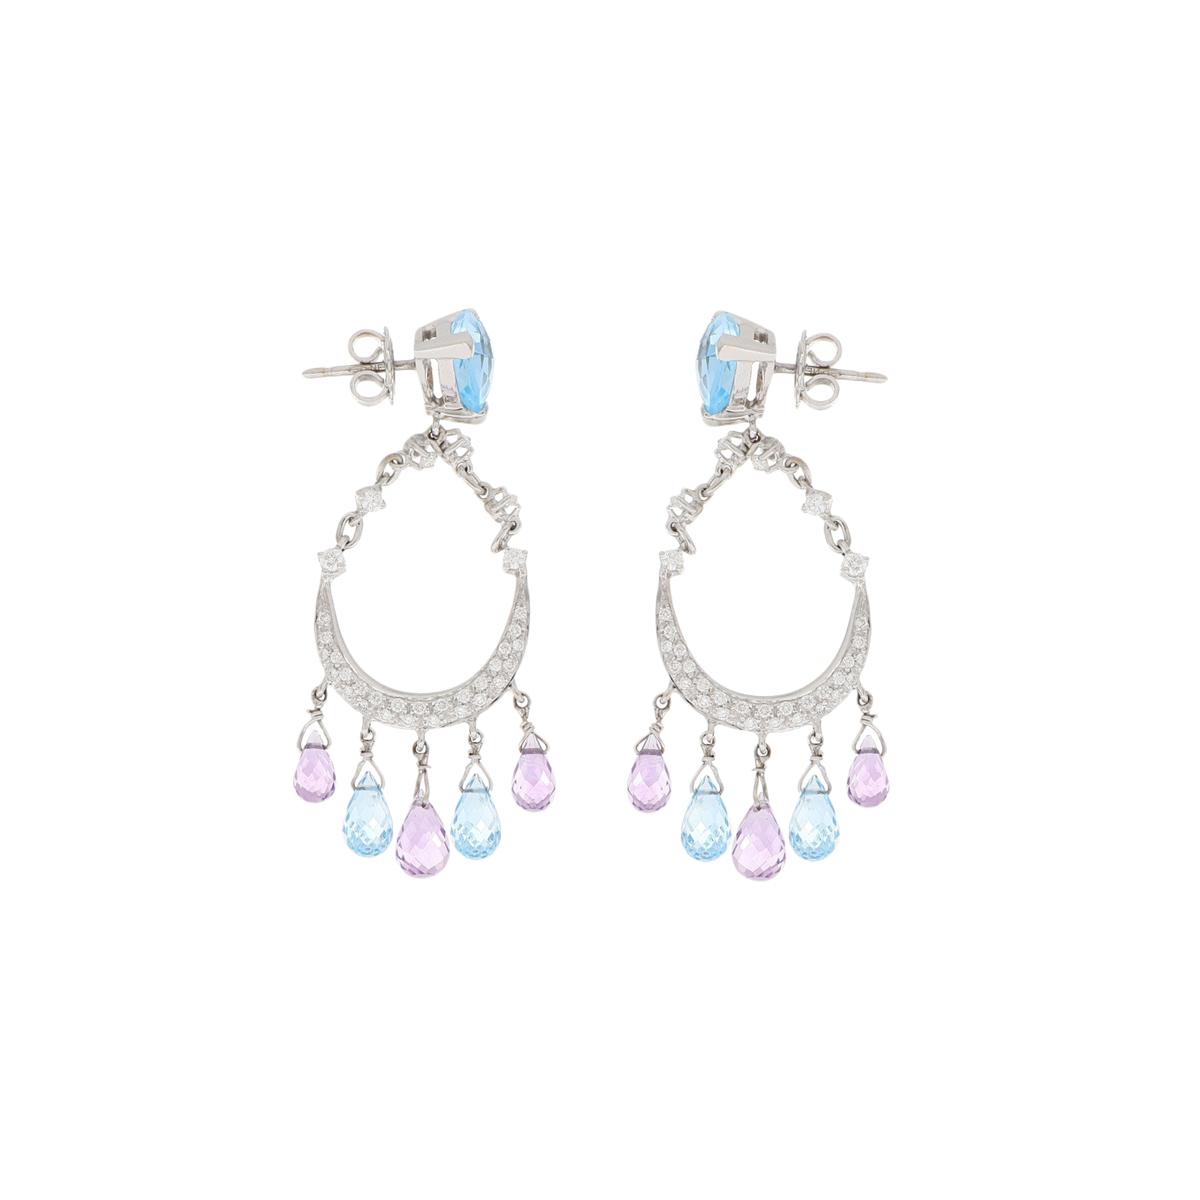 Topaz and Amethyst Chandelier Earrings